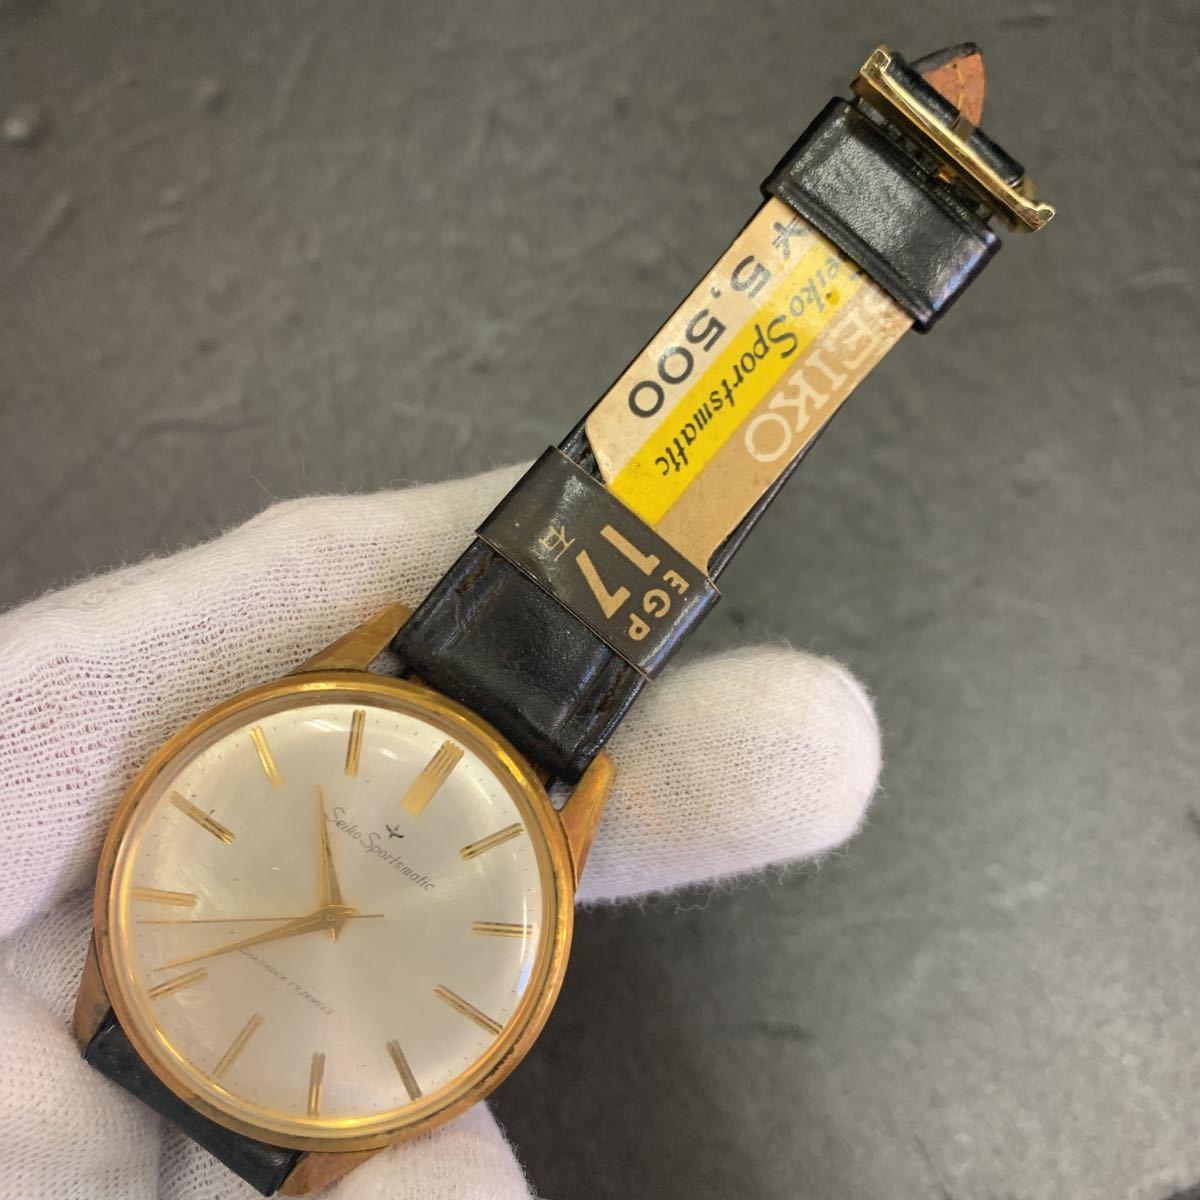 未使用品/デットストック品ですが竜頭欠品/SEIKO セイコー/sportsmatic スポーツマチック Diashock 15035 17石 自動巻き 腕時計//KA183